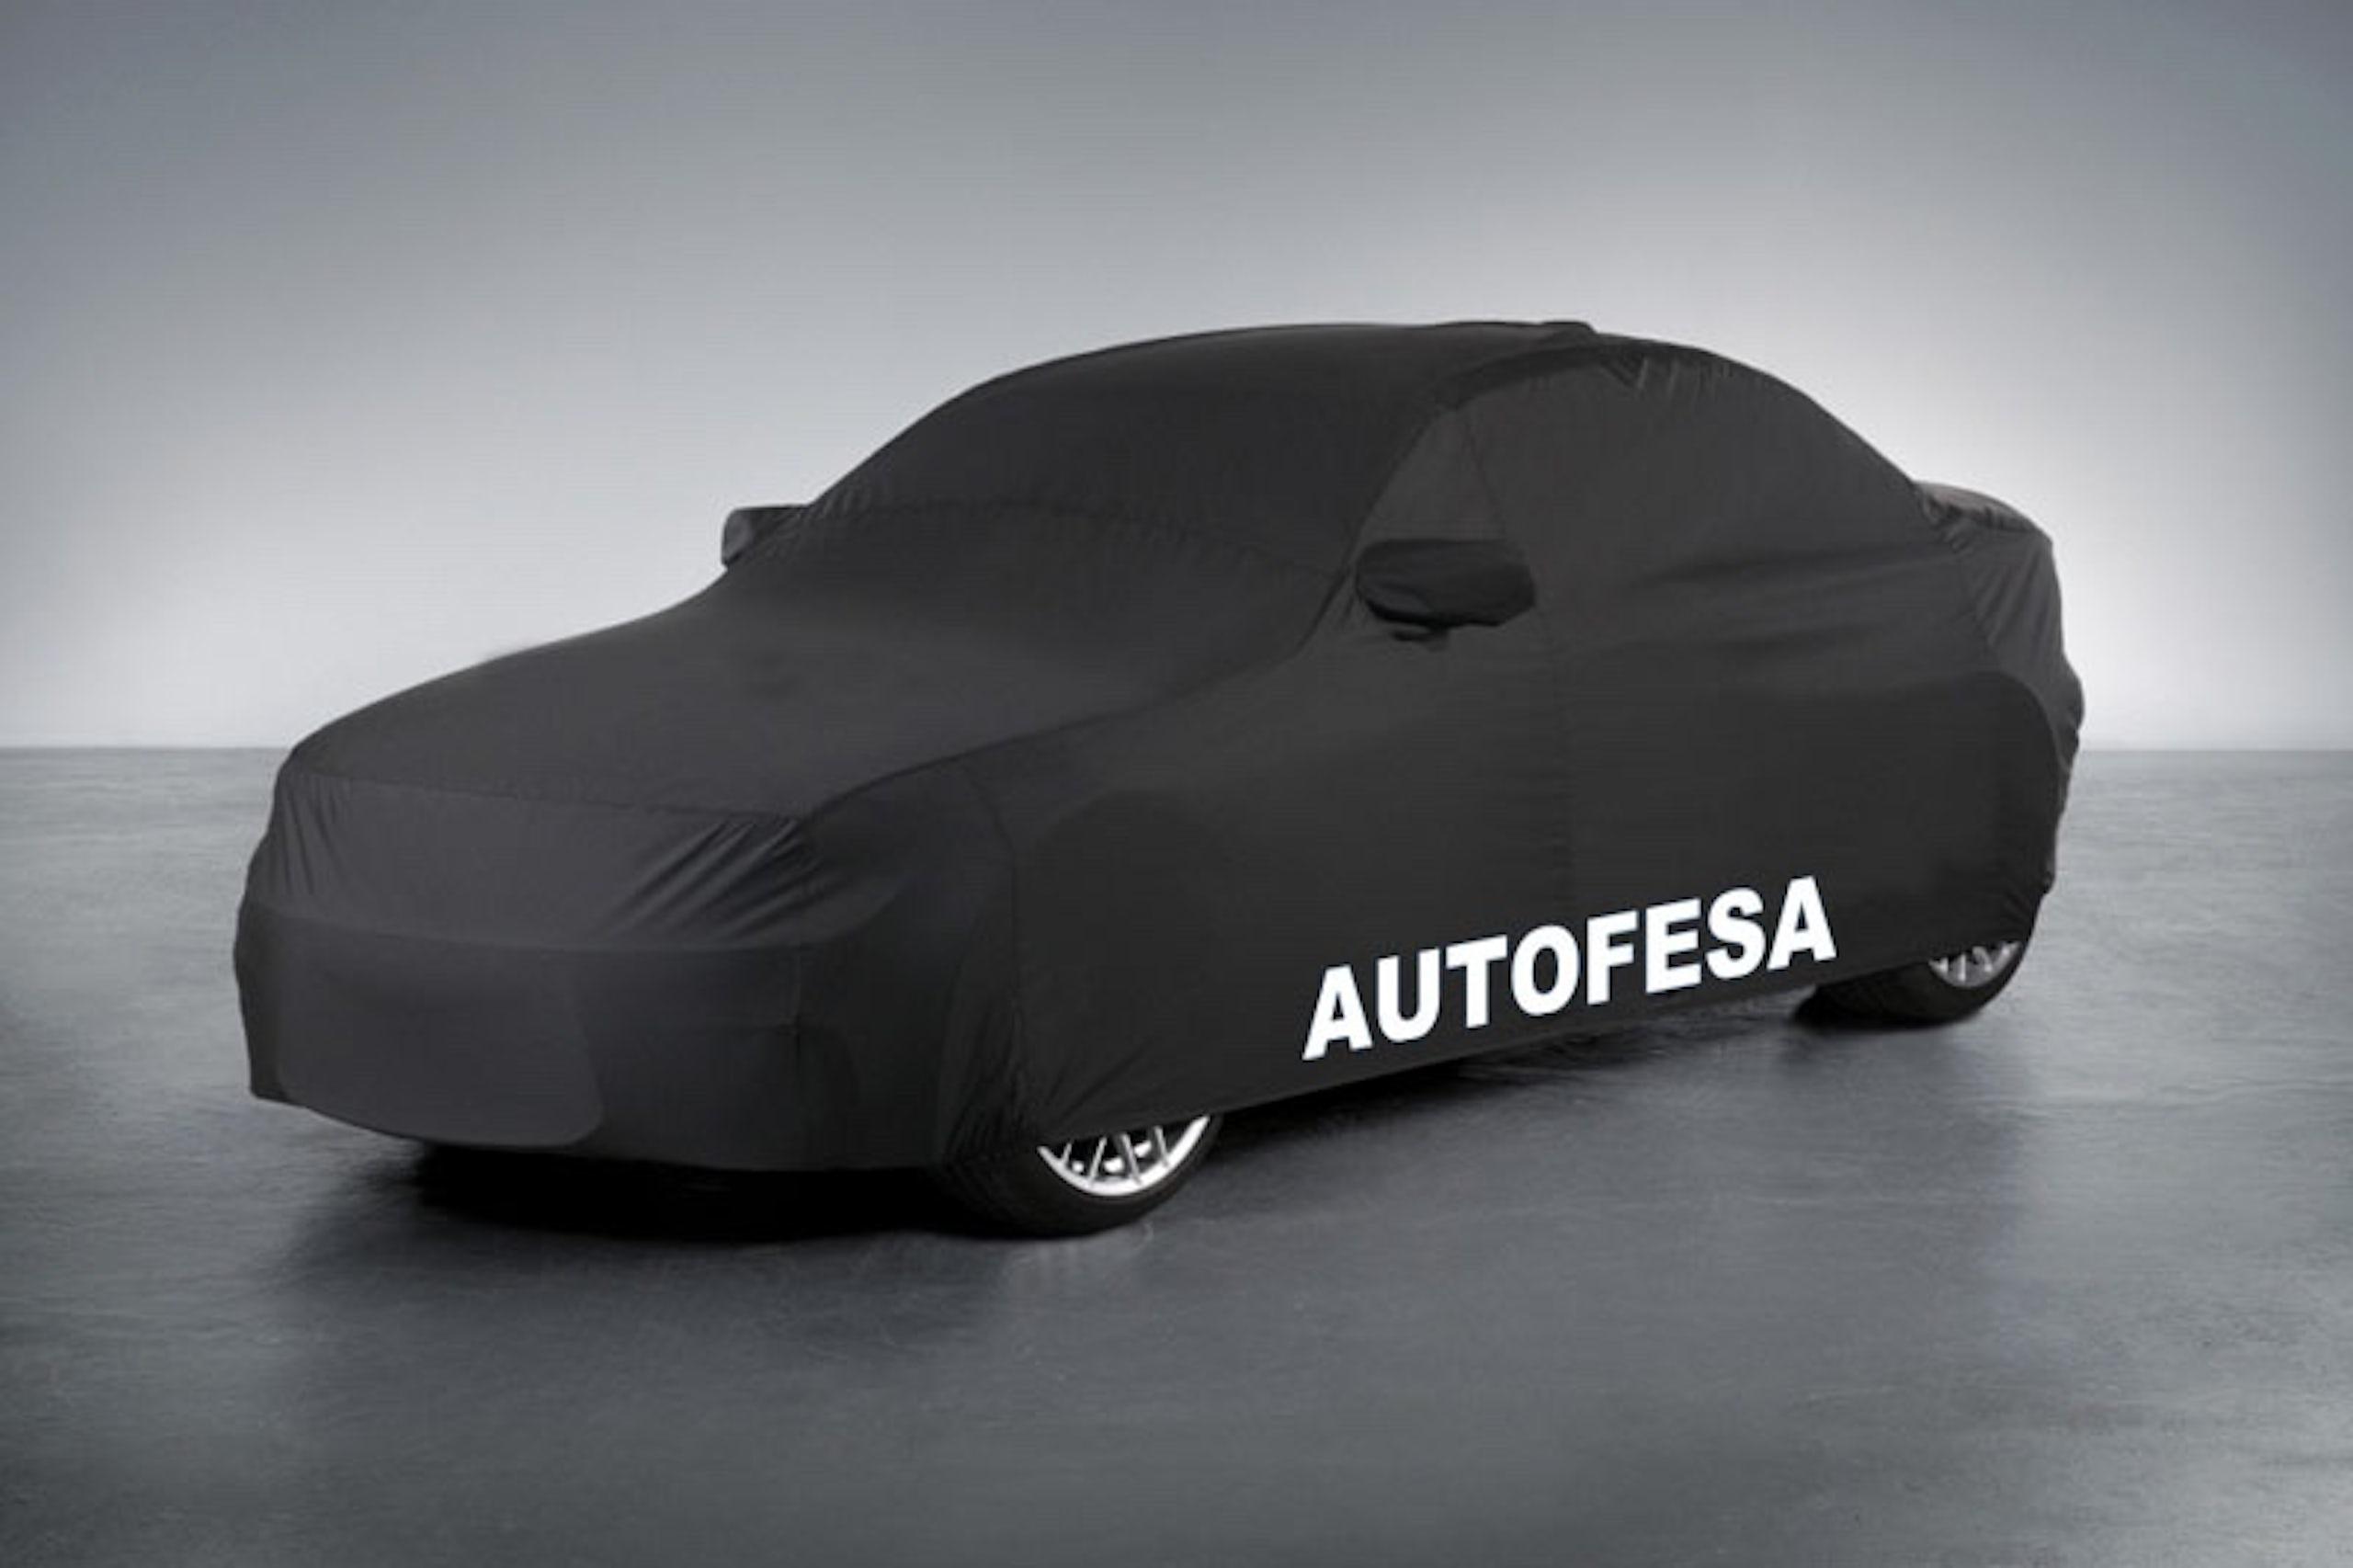 Opel Corsa 1.3 CDTi 75cv Selective 5p